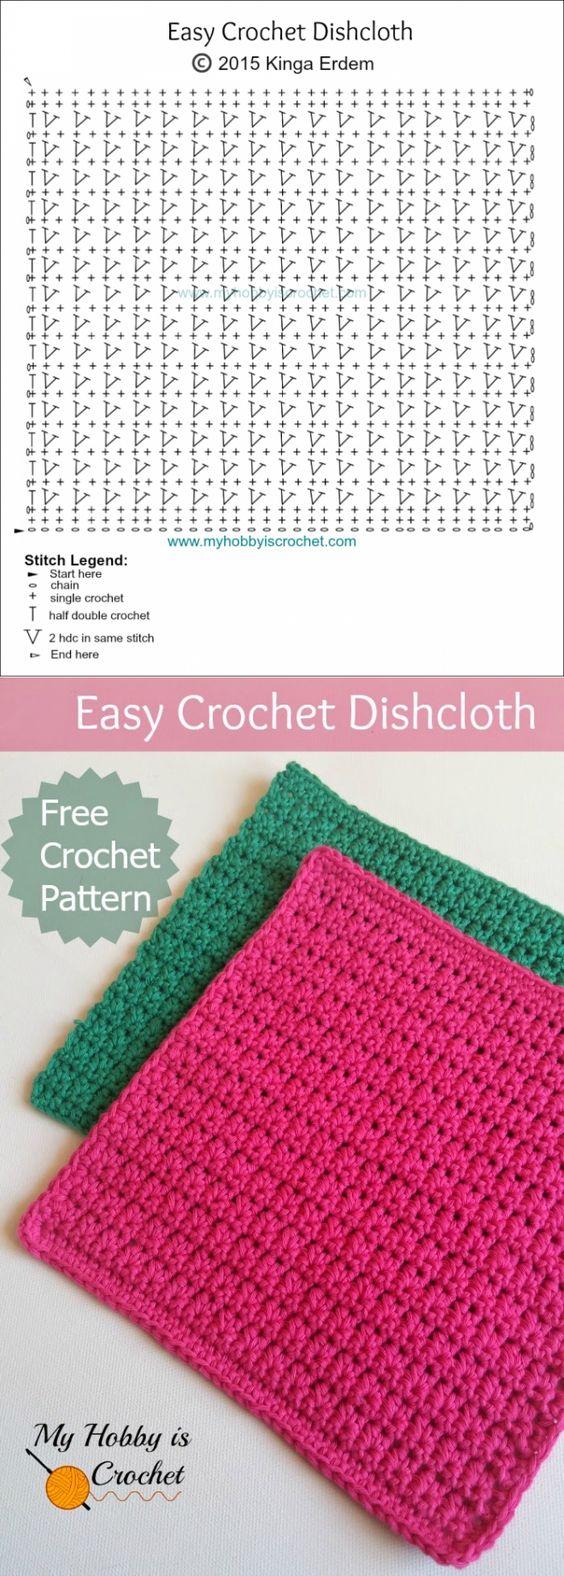 Mi afición ganchillo: Tejer un simple papel de cocina | Esquema de crochet libre: instrucciones escritas y gráficas | mi hobby que hace punto: